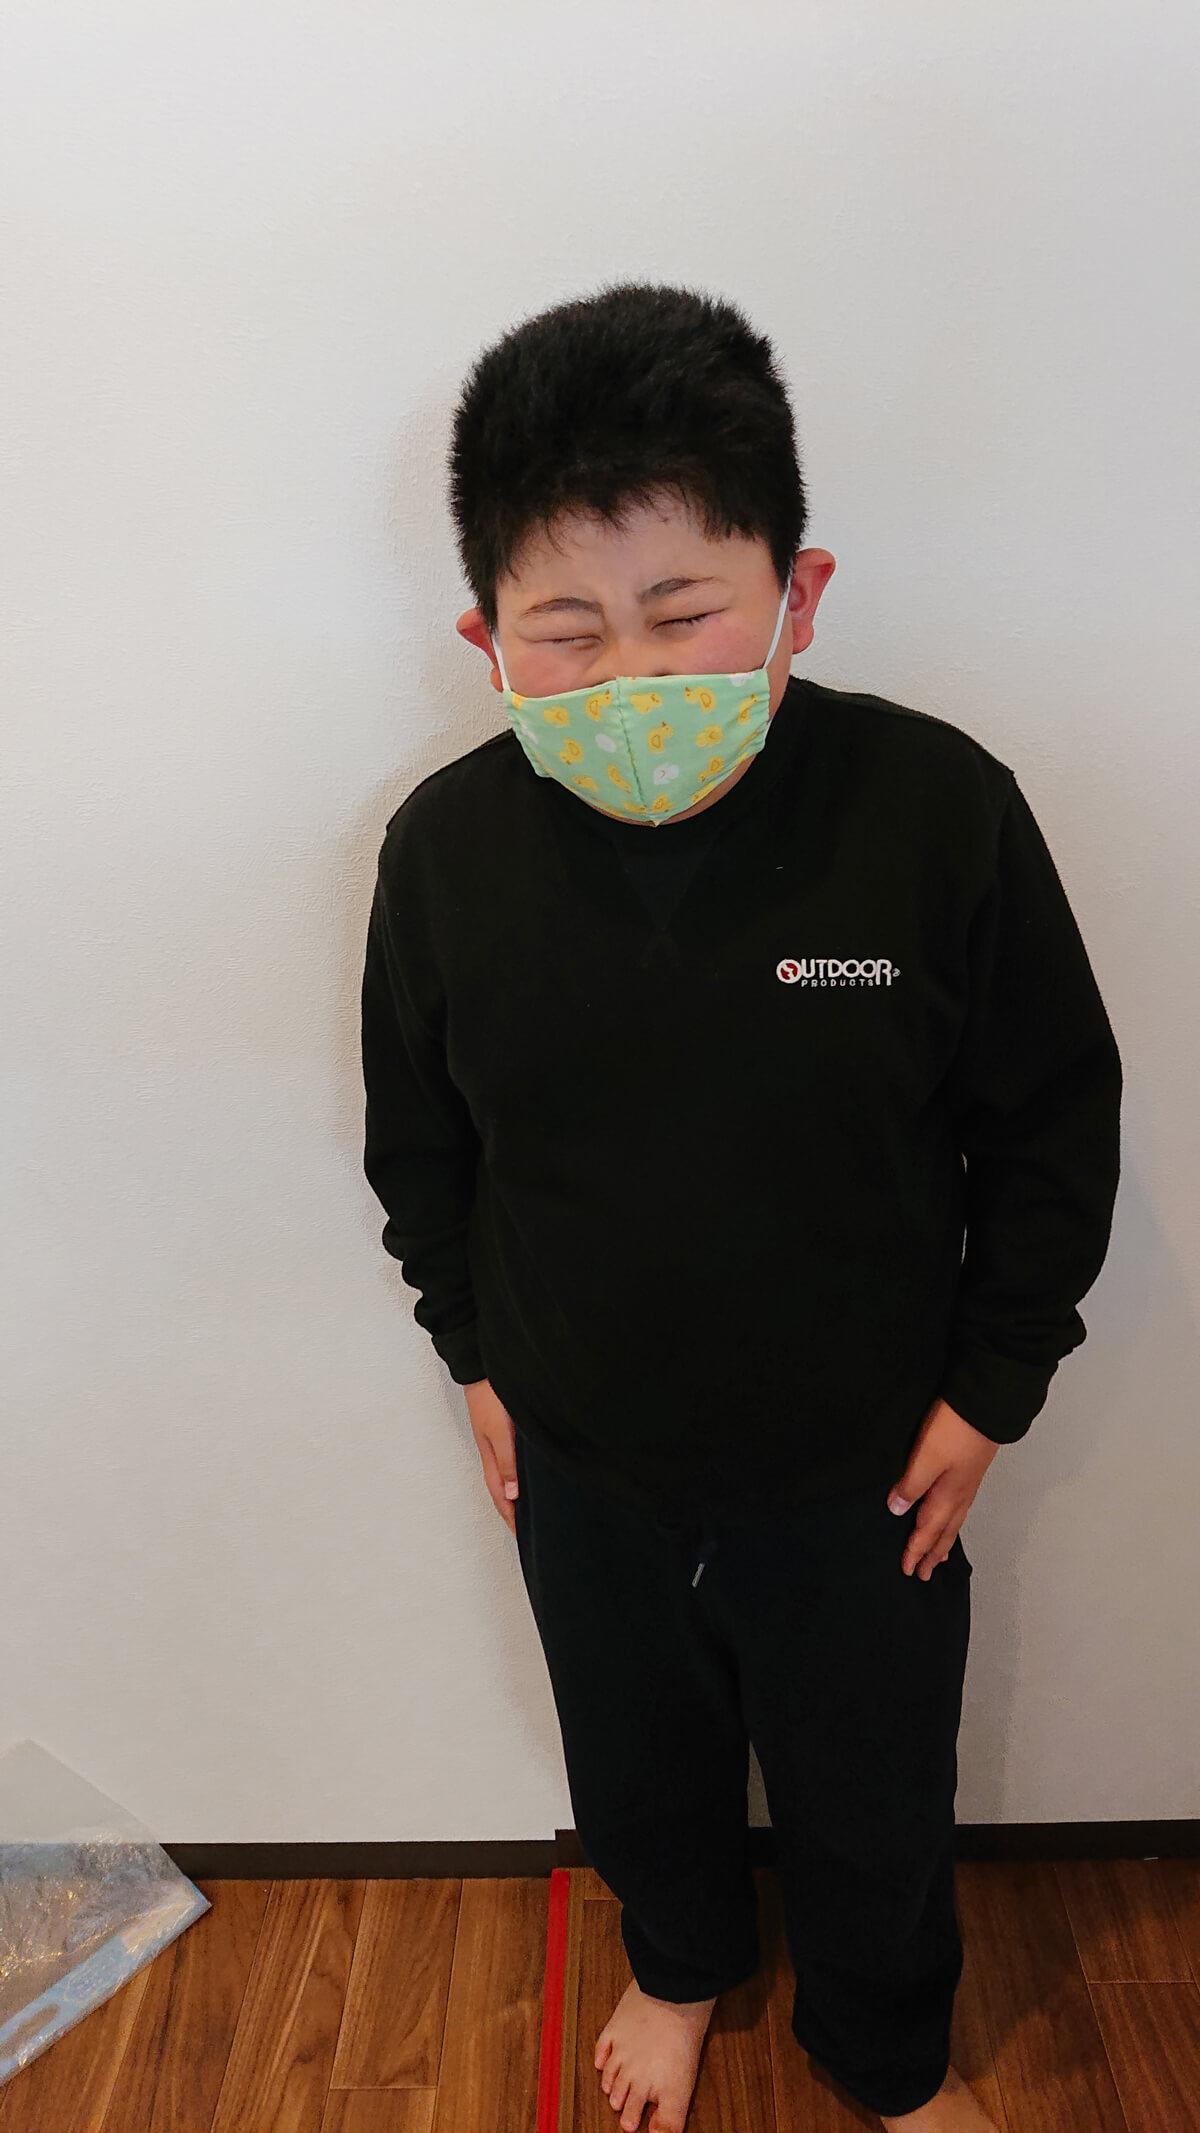 マスクをつけて嬉しそうな子ども